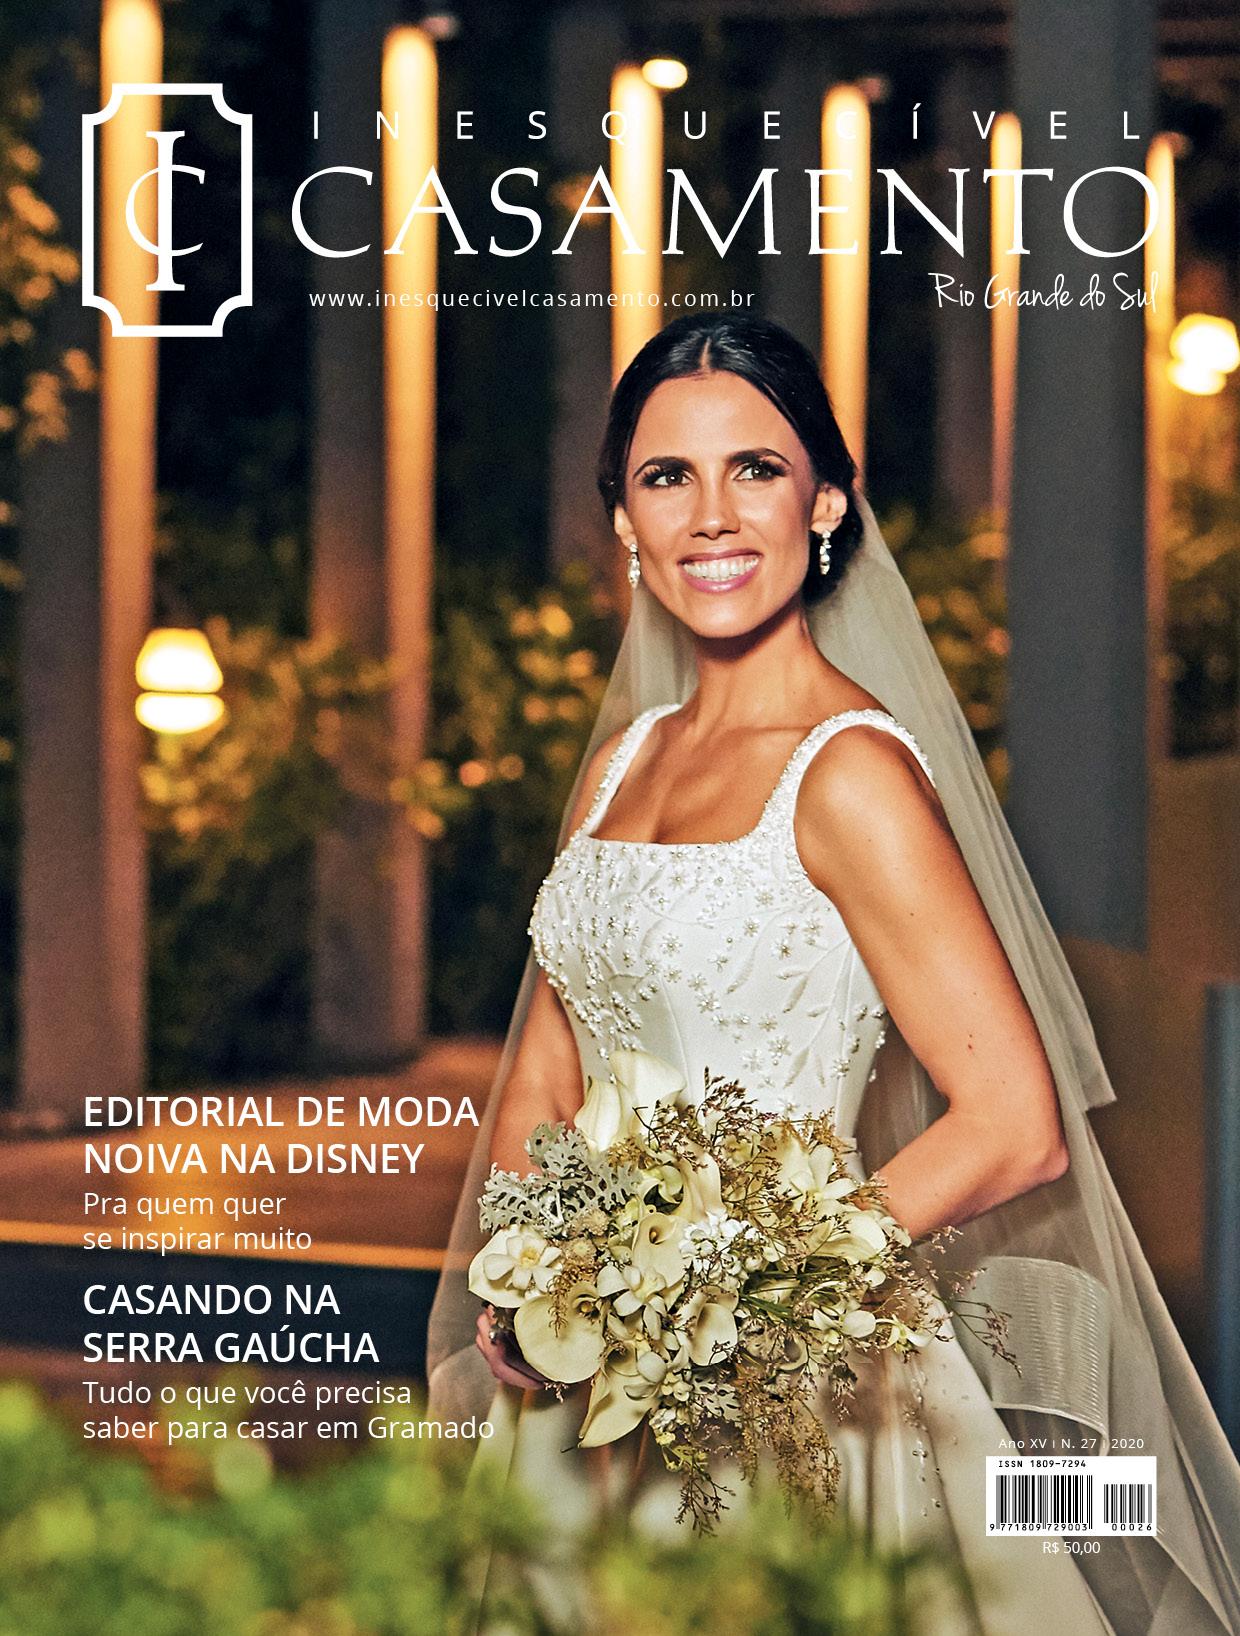 Inesquecível Casamento RS – Ed. 27